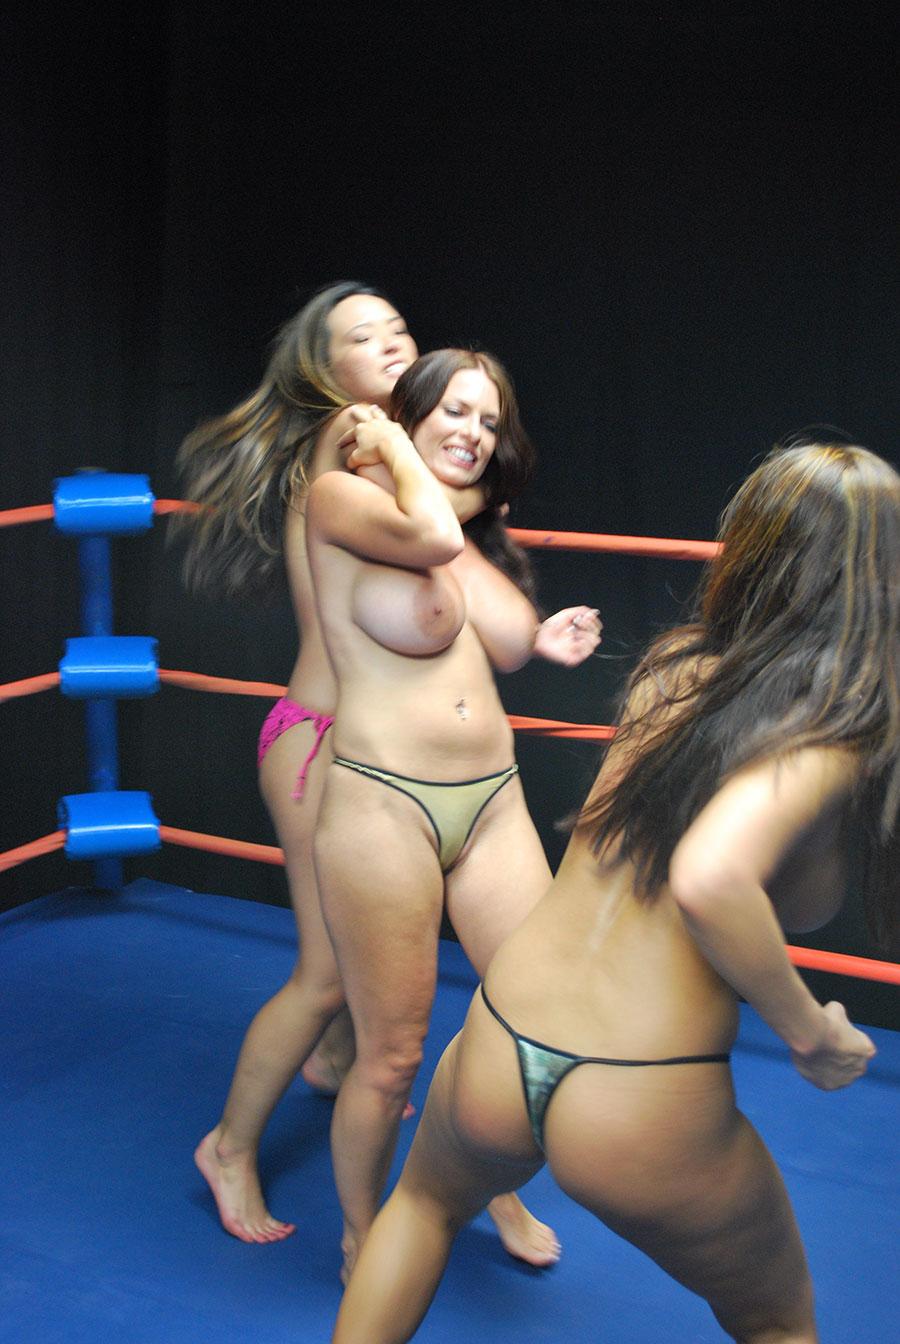 Goldie blair wrestling